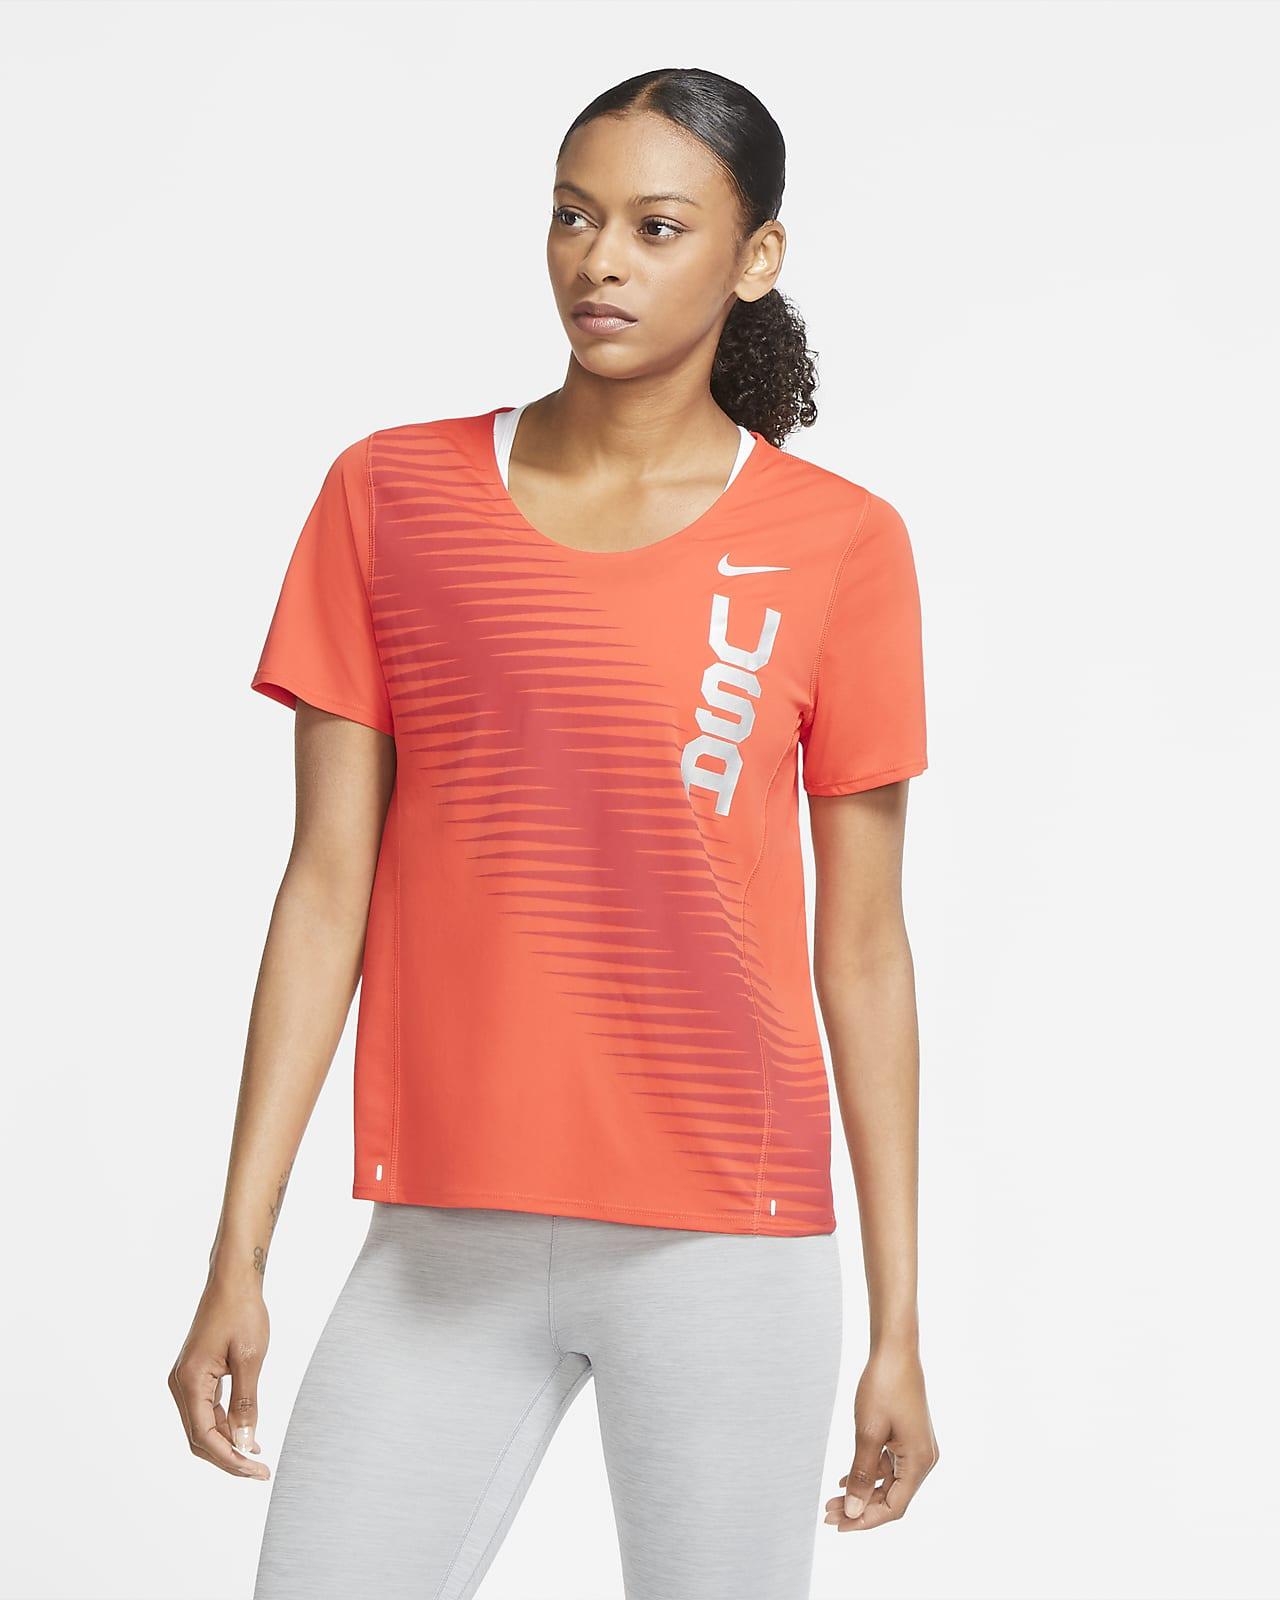 Γυναικεία μπλούζα για τρέξιμο Nike Team ΗΠΑ City Sleek